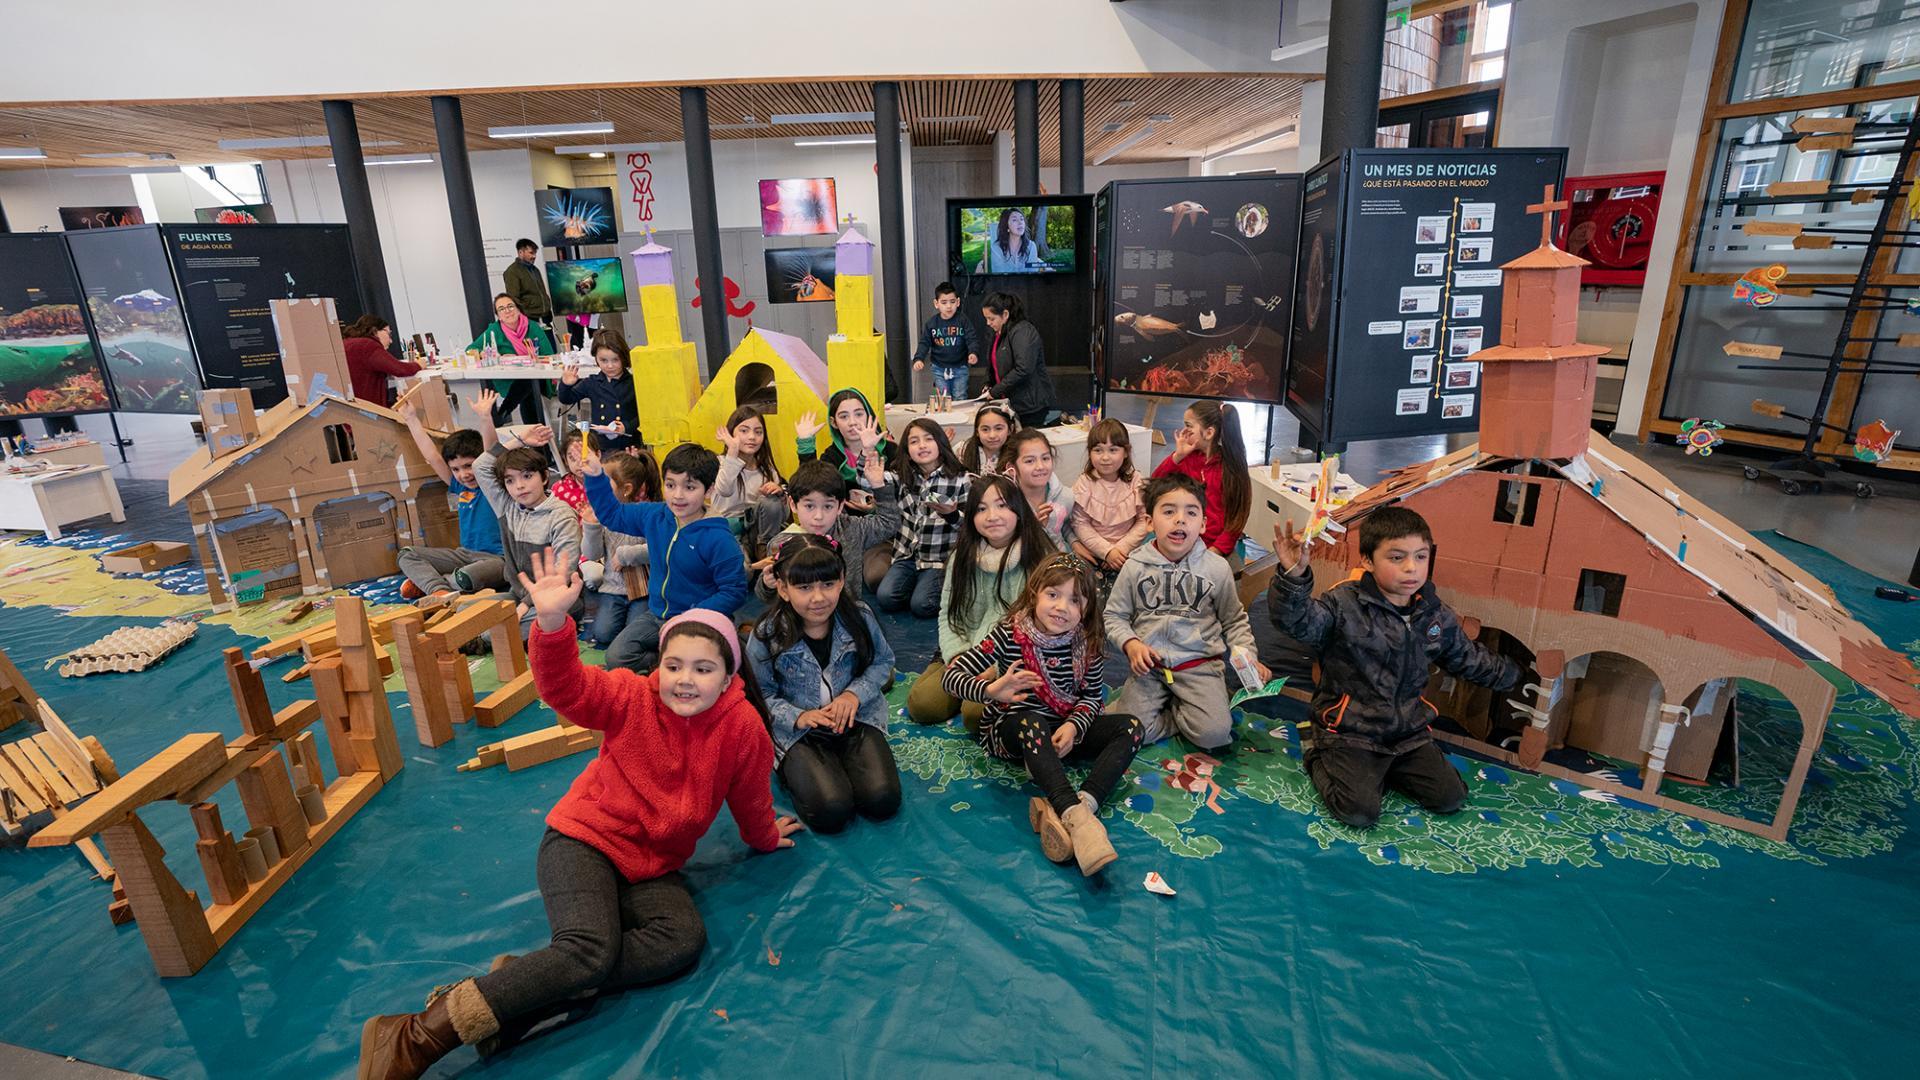 """Imagen de Consejo de Monumentos Nacionales invita a niños y niñas a """"monumentear"""" el barrio Huemul"""